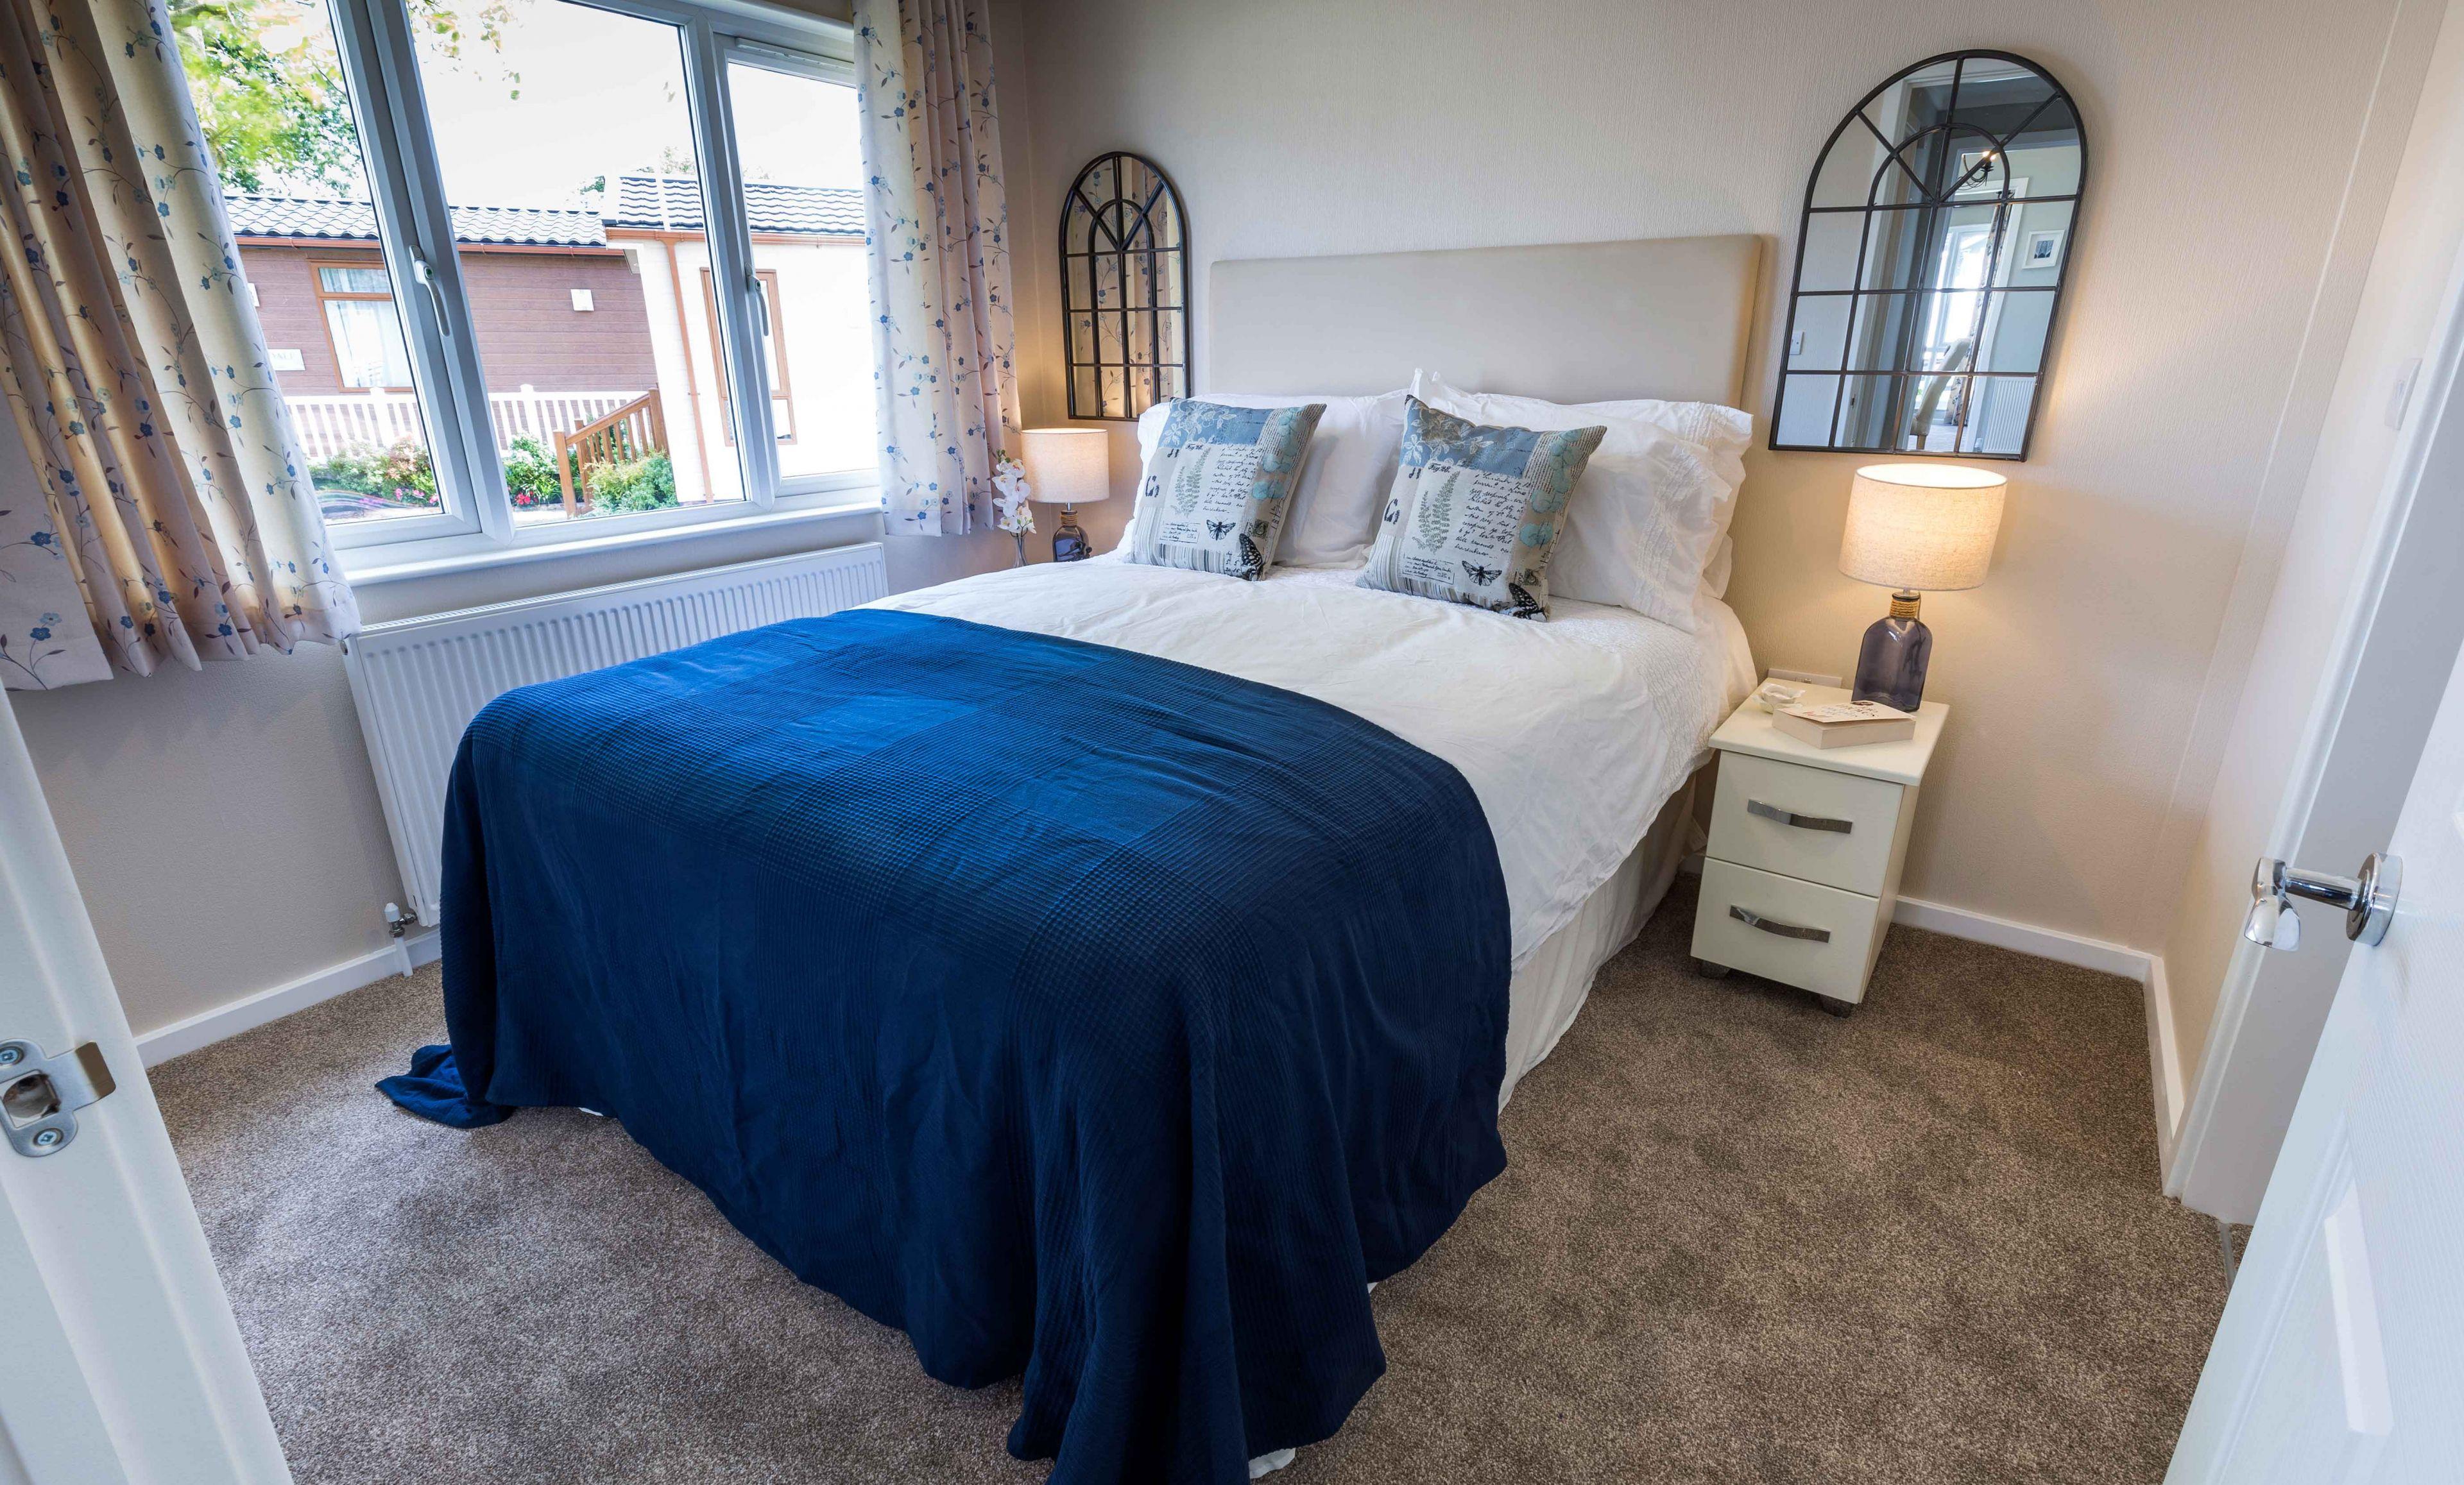 The Hayden Classic Bedroom